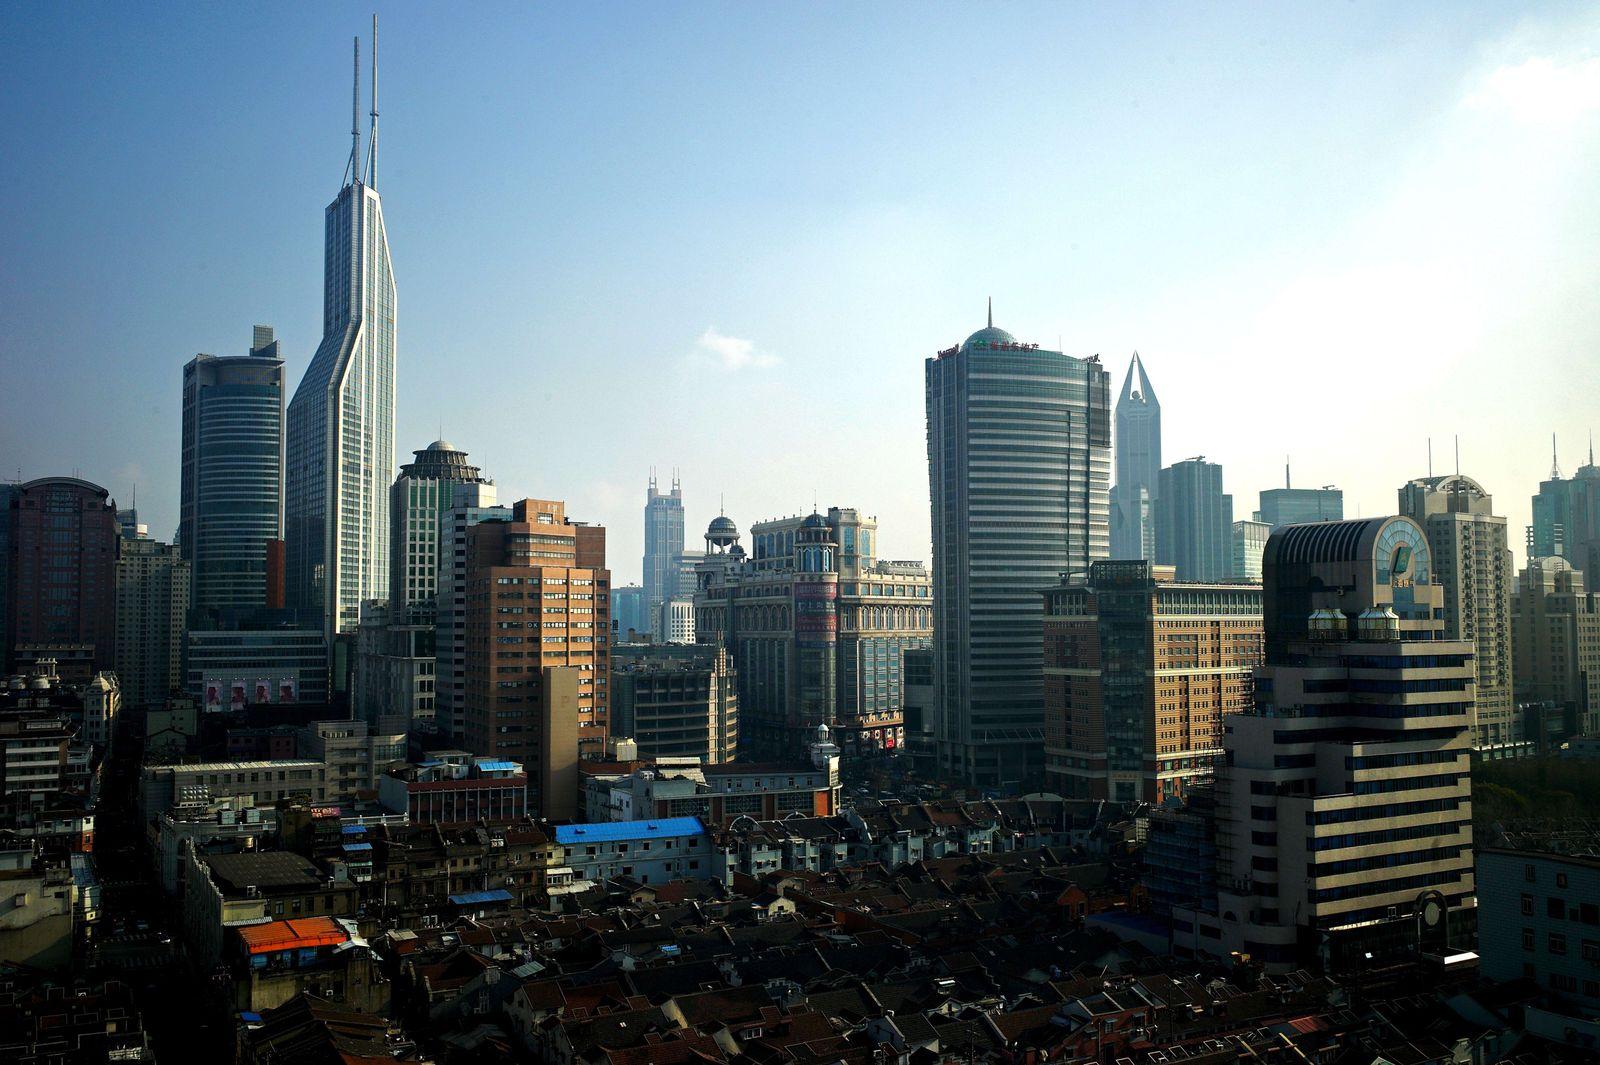 Shanghai / Skyline / China XXP